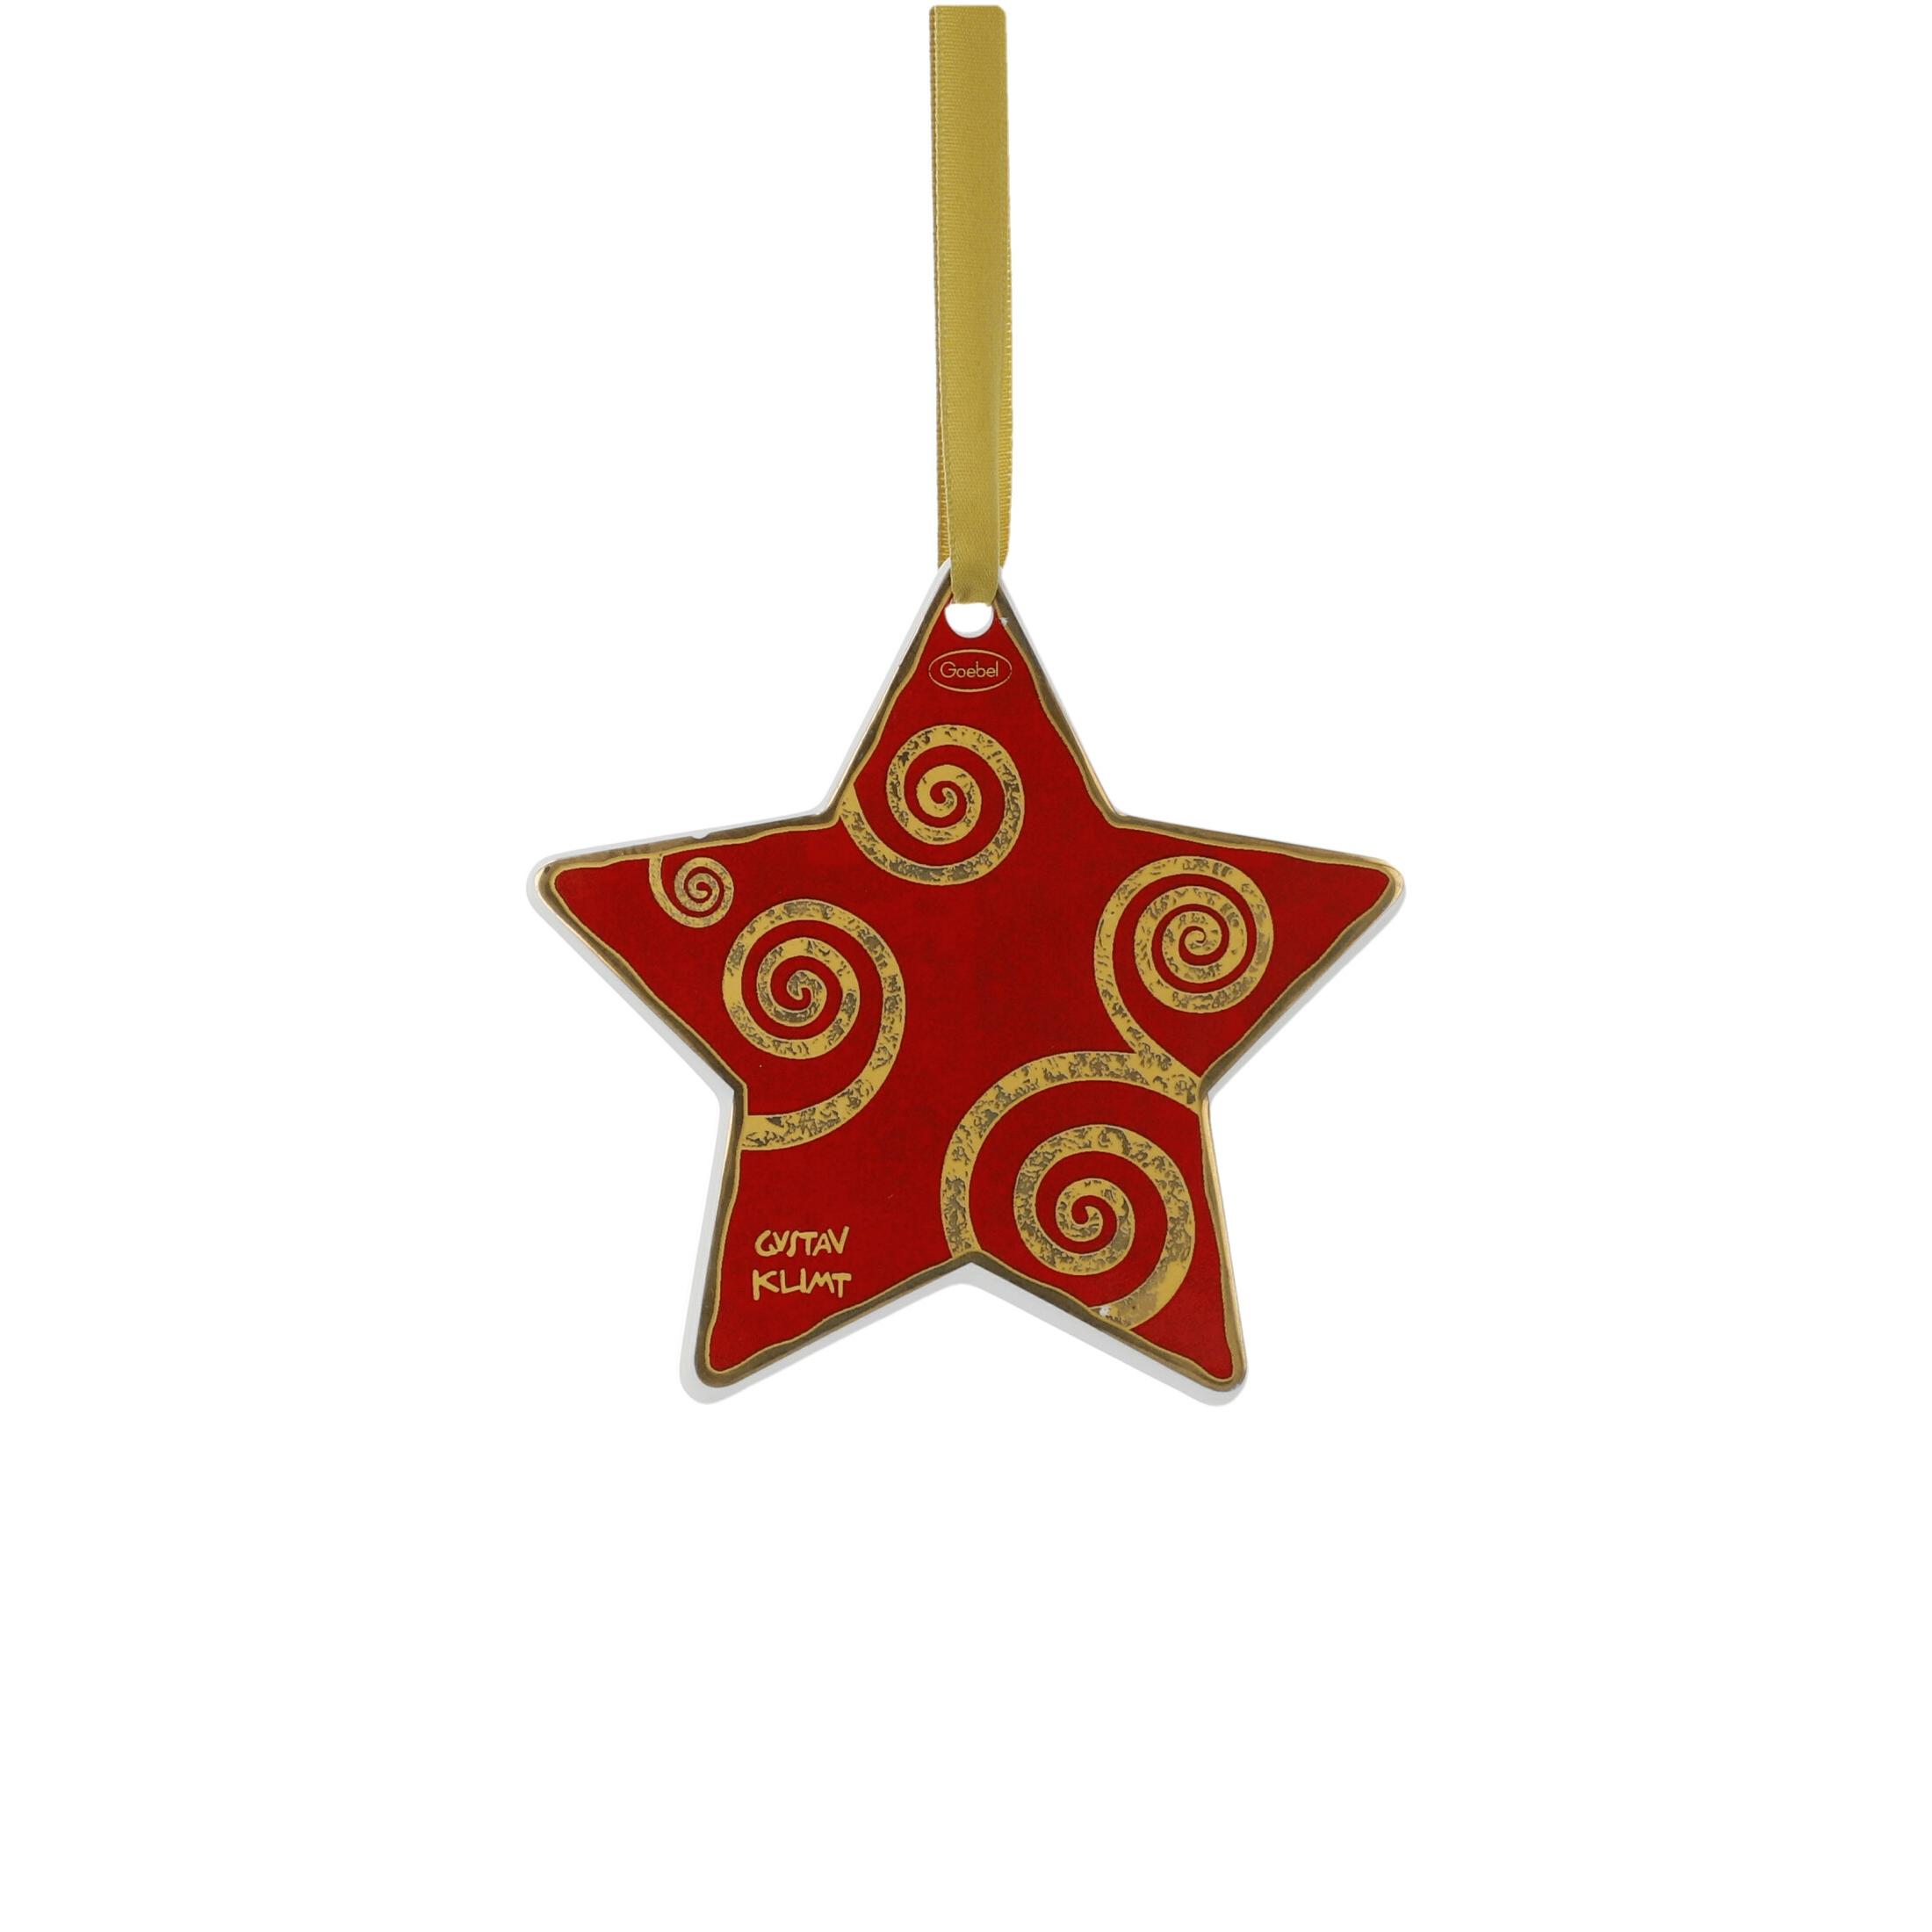 Goebel Artis Orbis Gustav Klimt Christmas Time 'Der Lebensbaum Weiß-Rot - Hängeornament' 2021 !